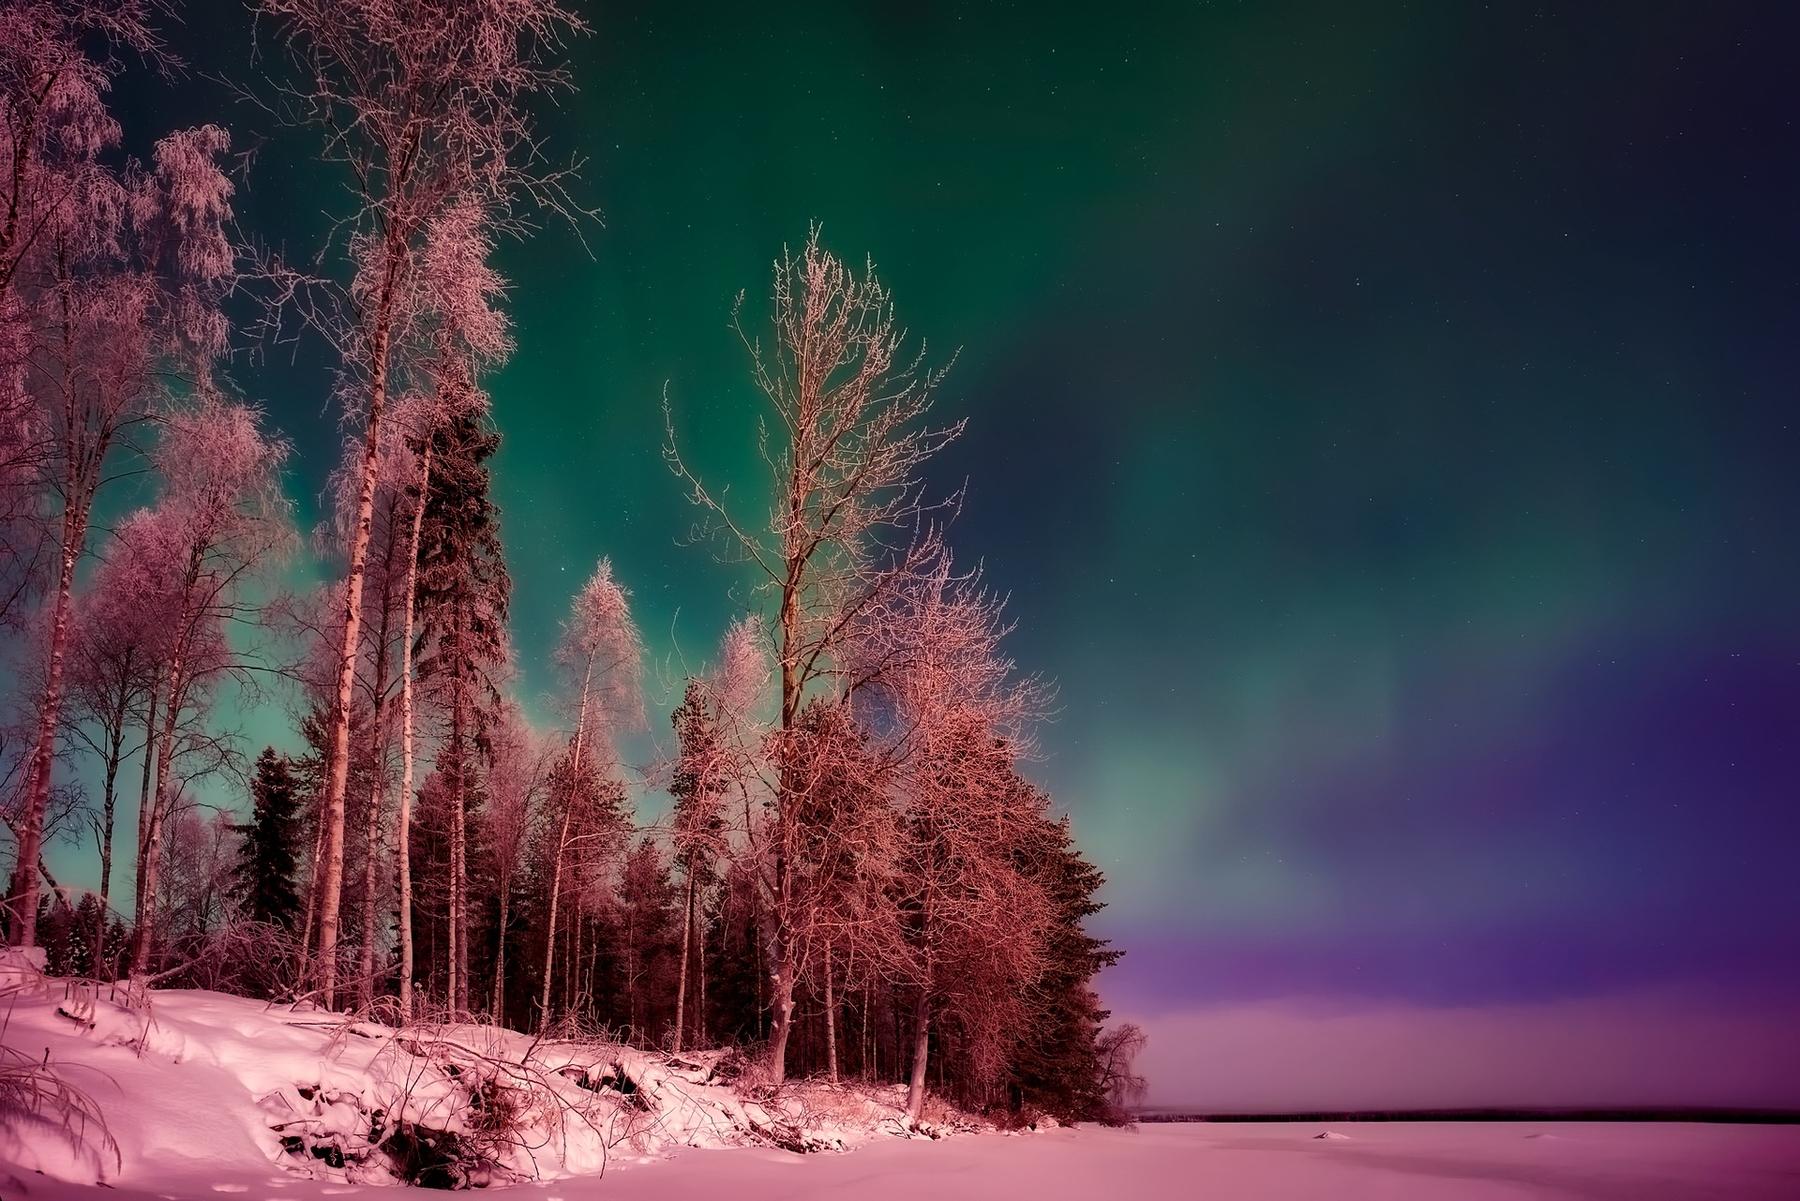 造訪極樂國度芬蘭賞極光